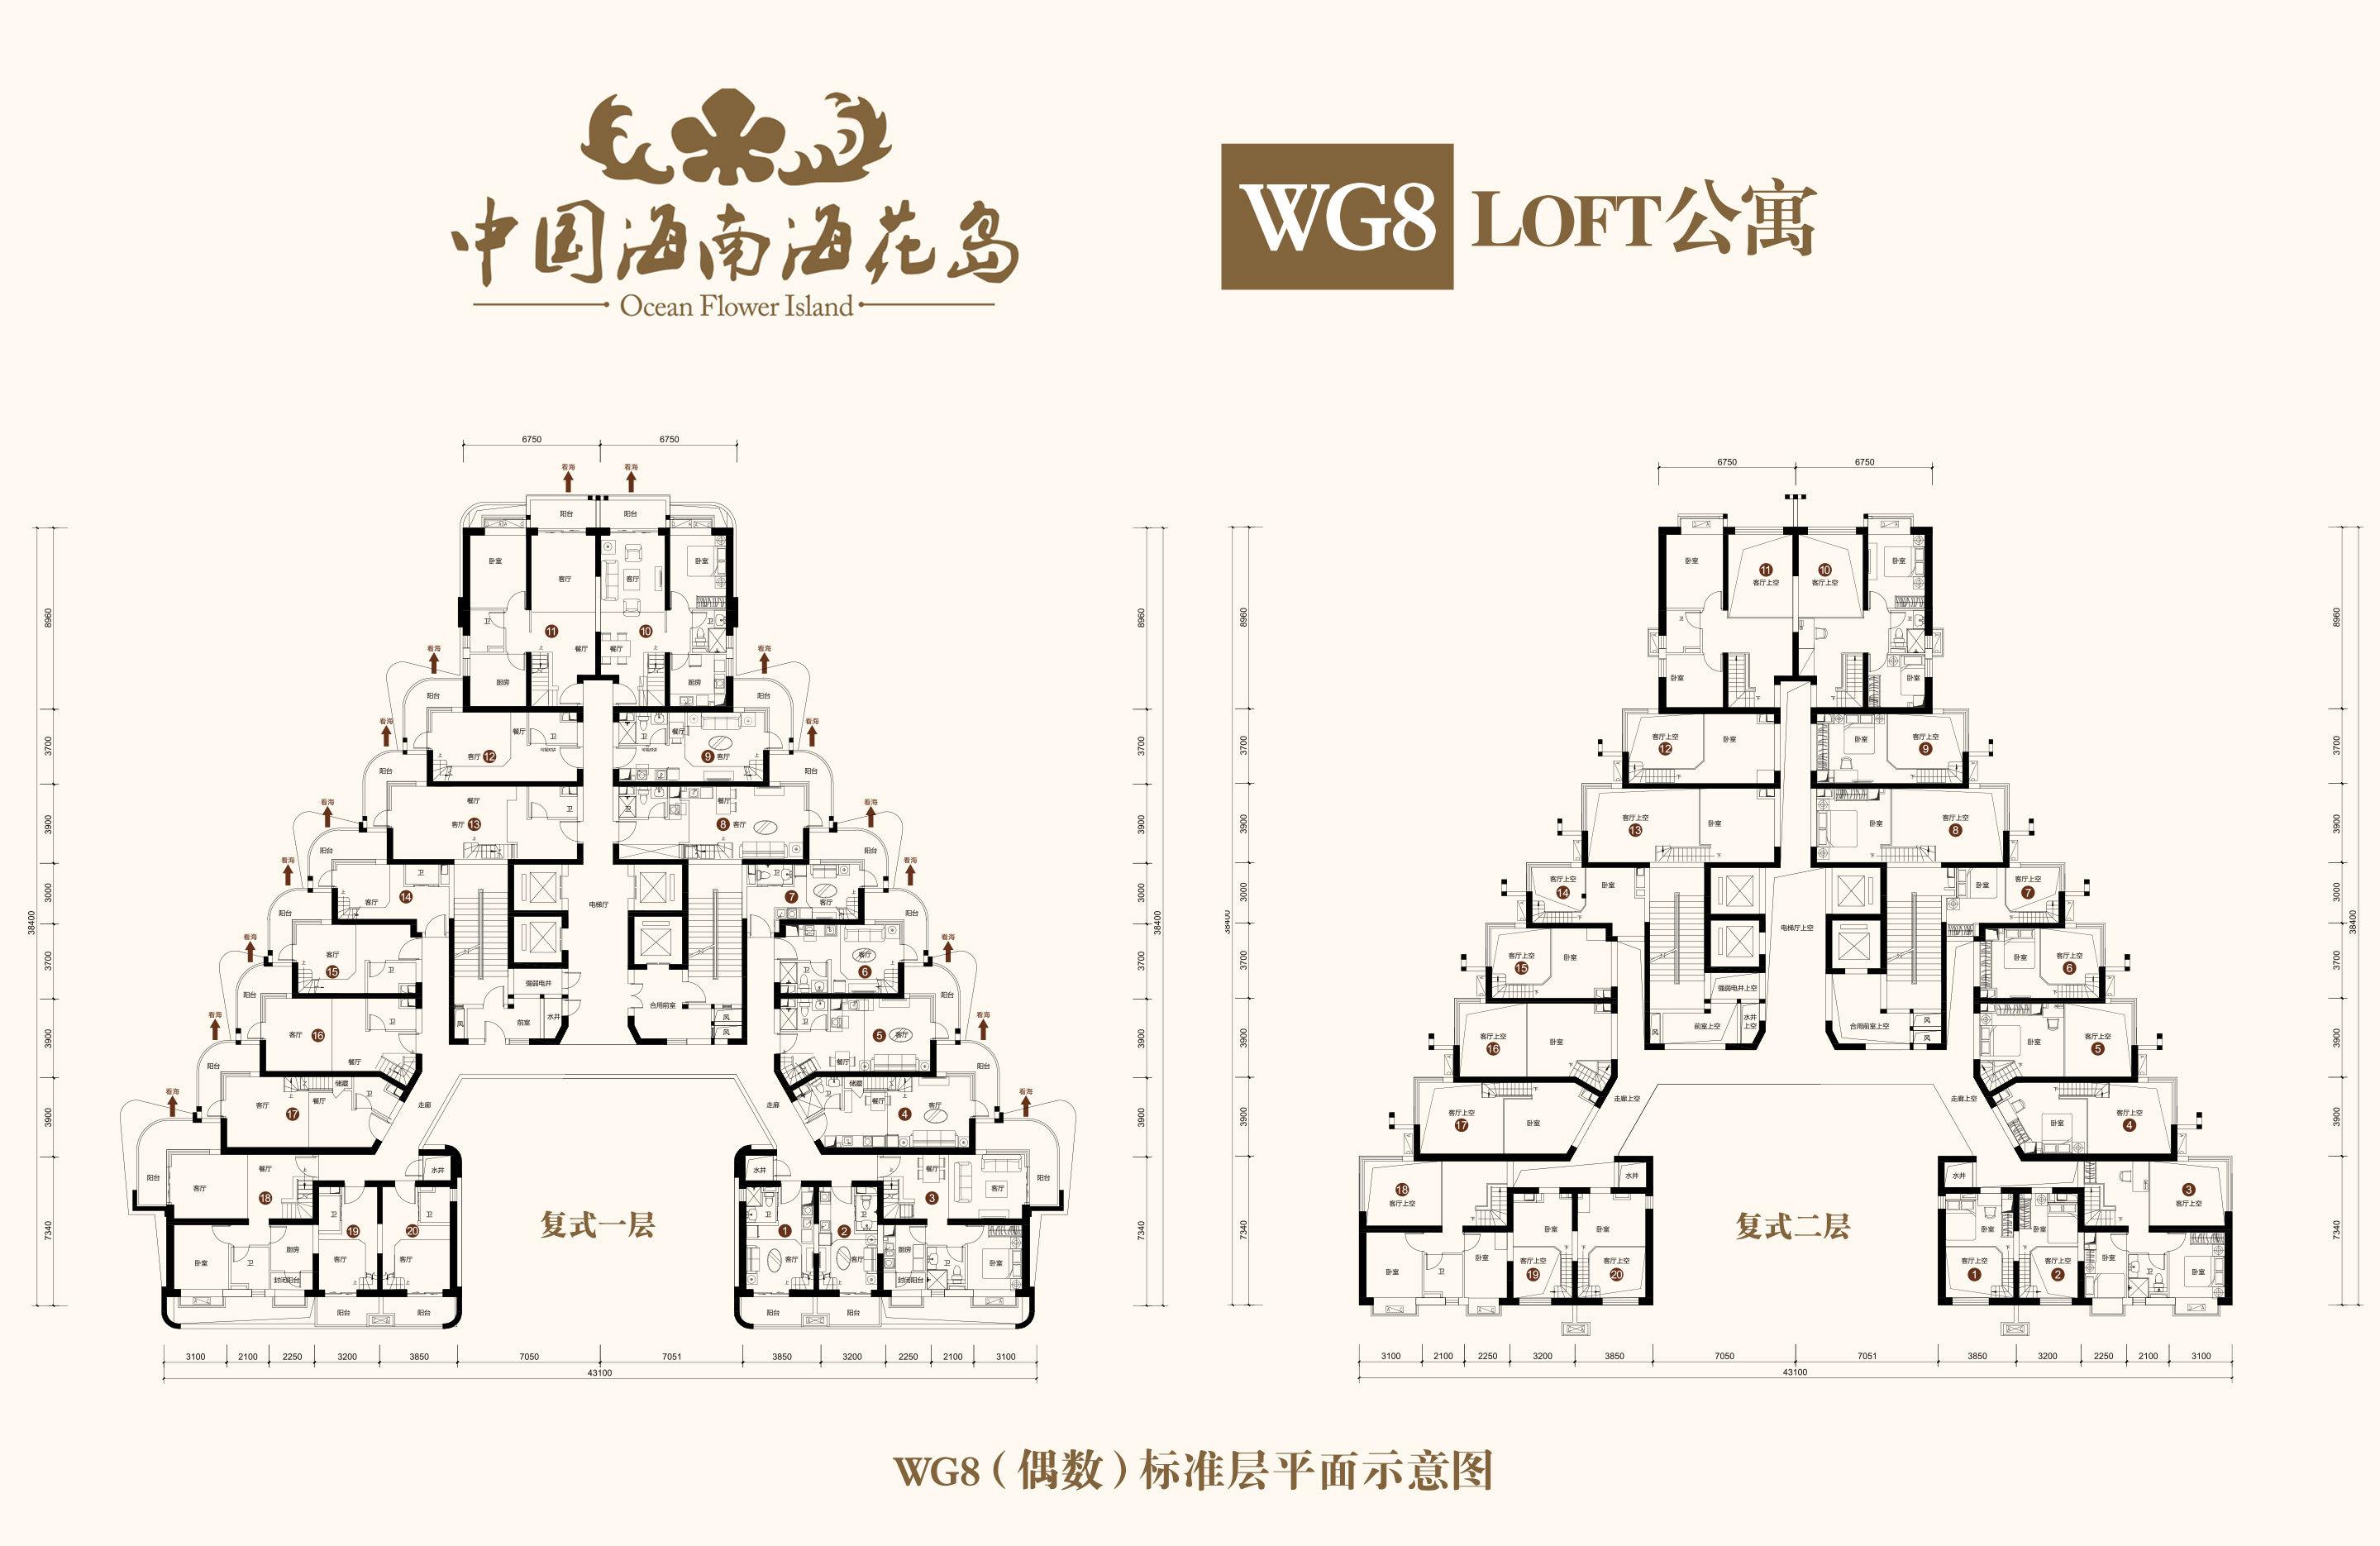 恒大海花岛 WG8(偶数)标准层 建面29-86㎡